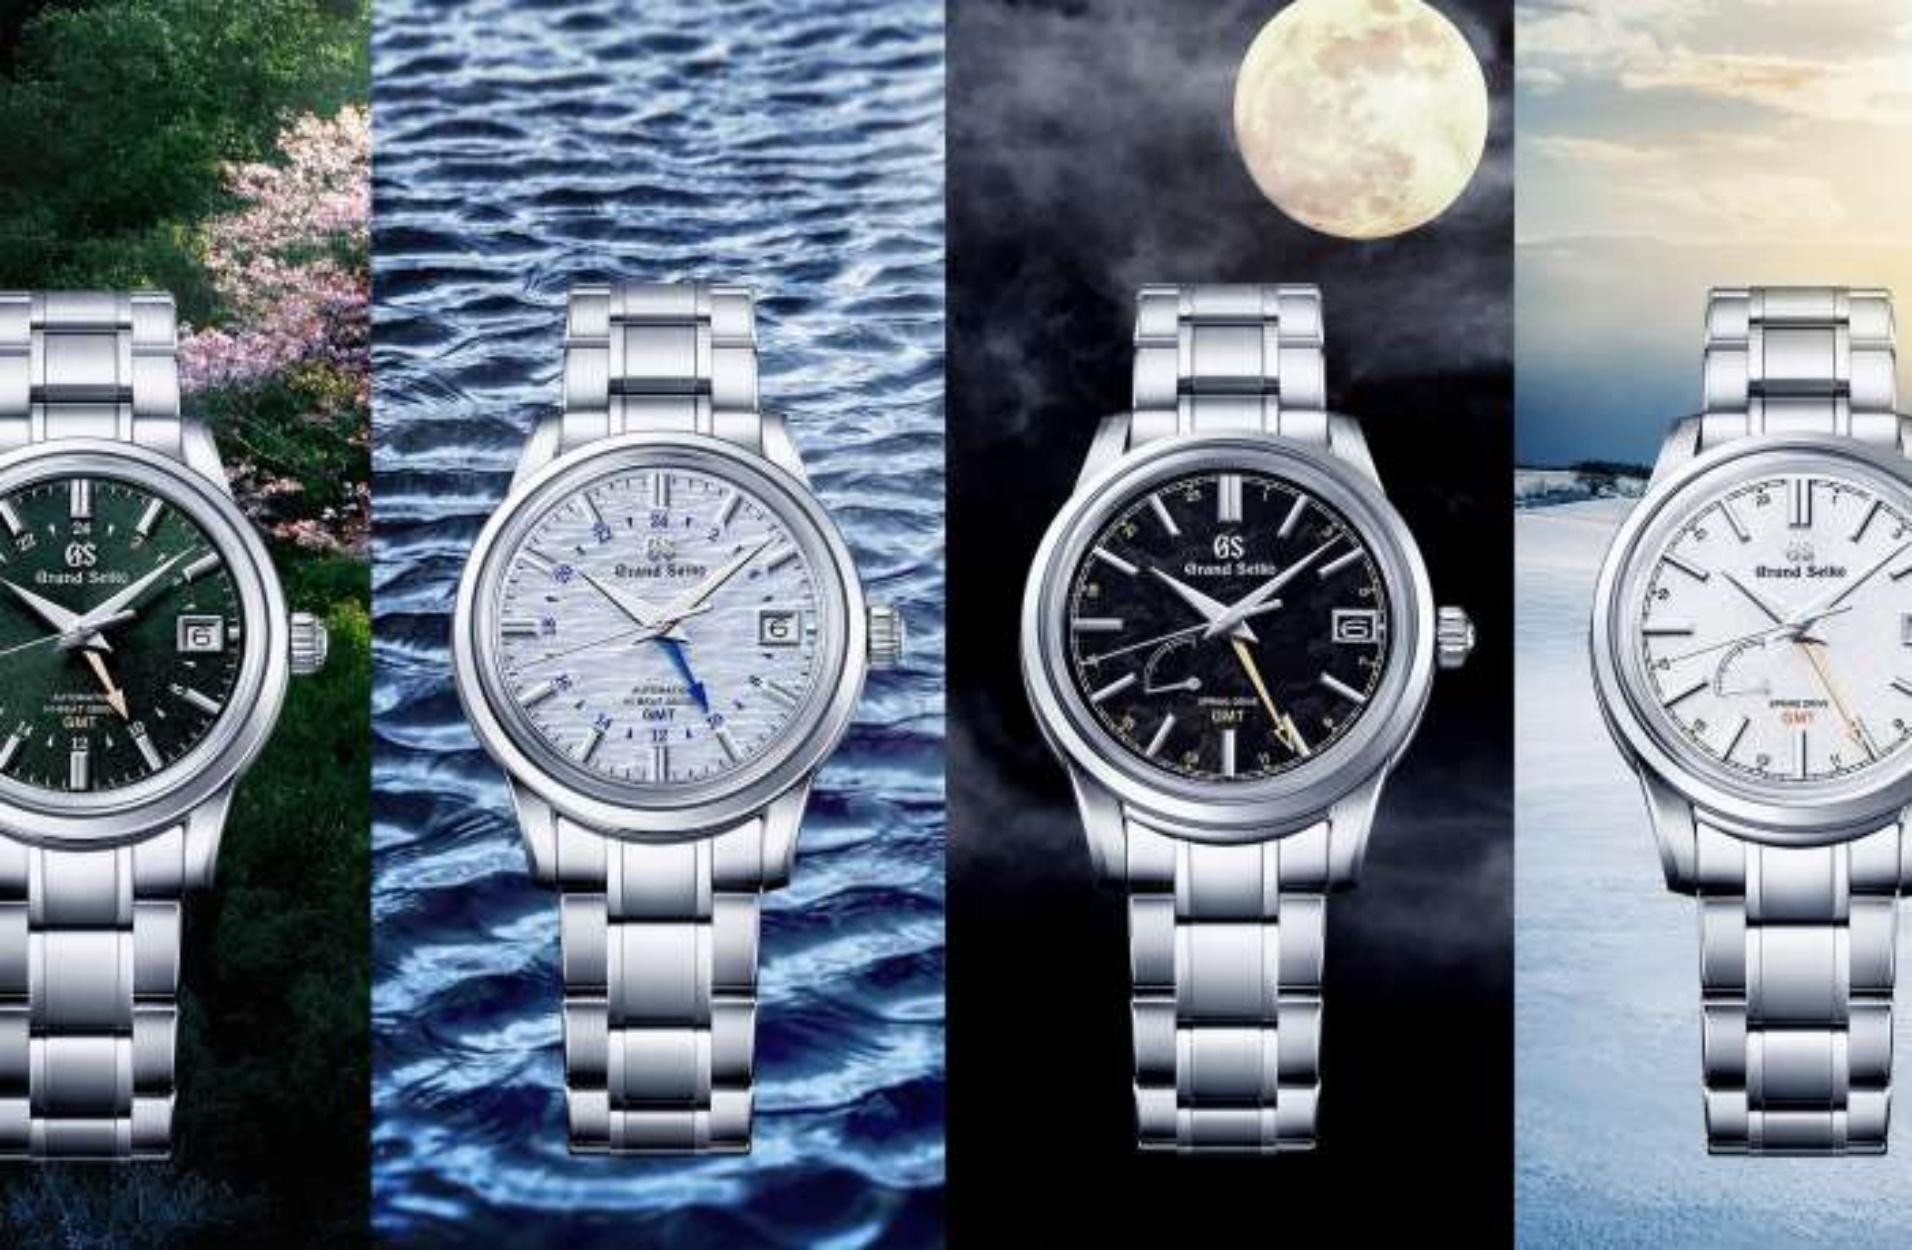 Η Grand Seiko αποκάλυψε 4 νέα ρολόγια για κάθε εποχή του χρόνου